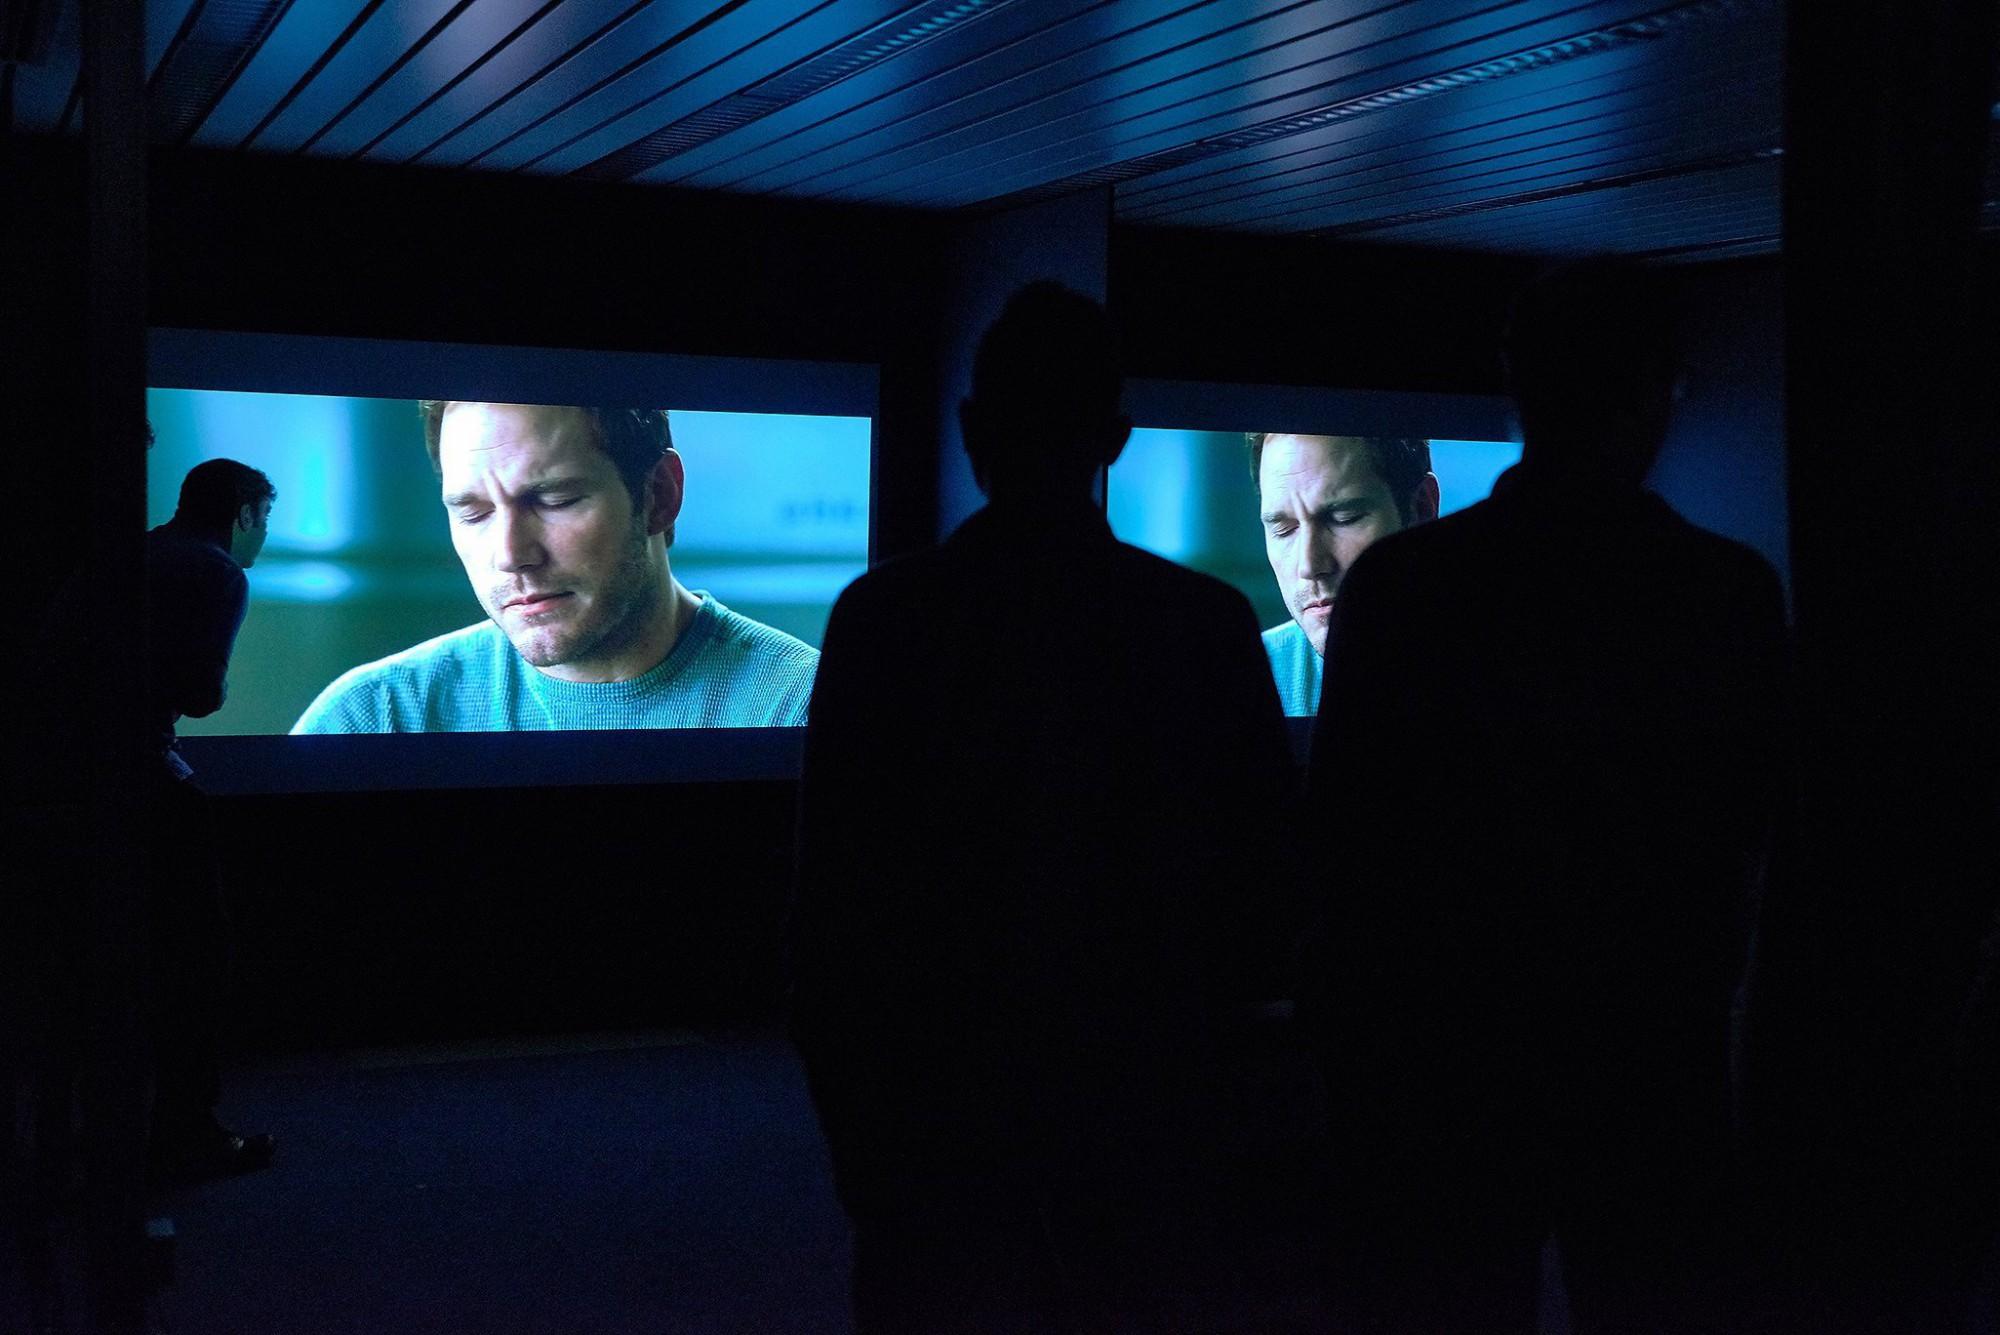 Afbeelding: Bedrijfs reportage voor Cinedream, voorstelling verschillende beamers voor projectie.